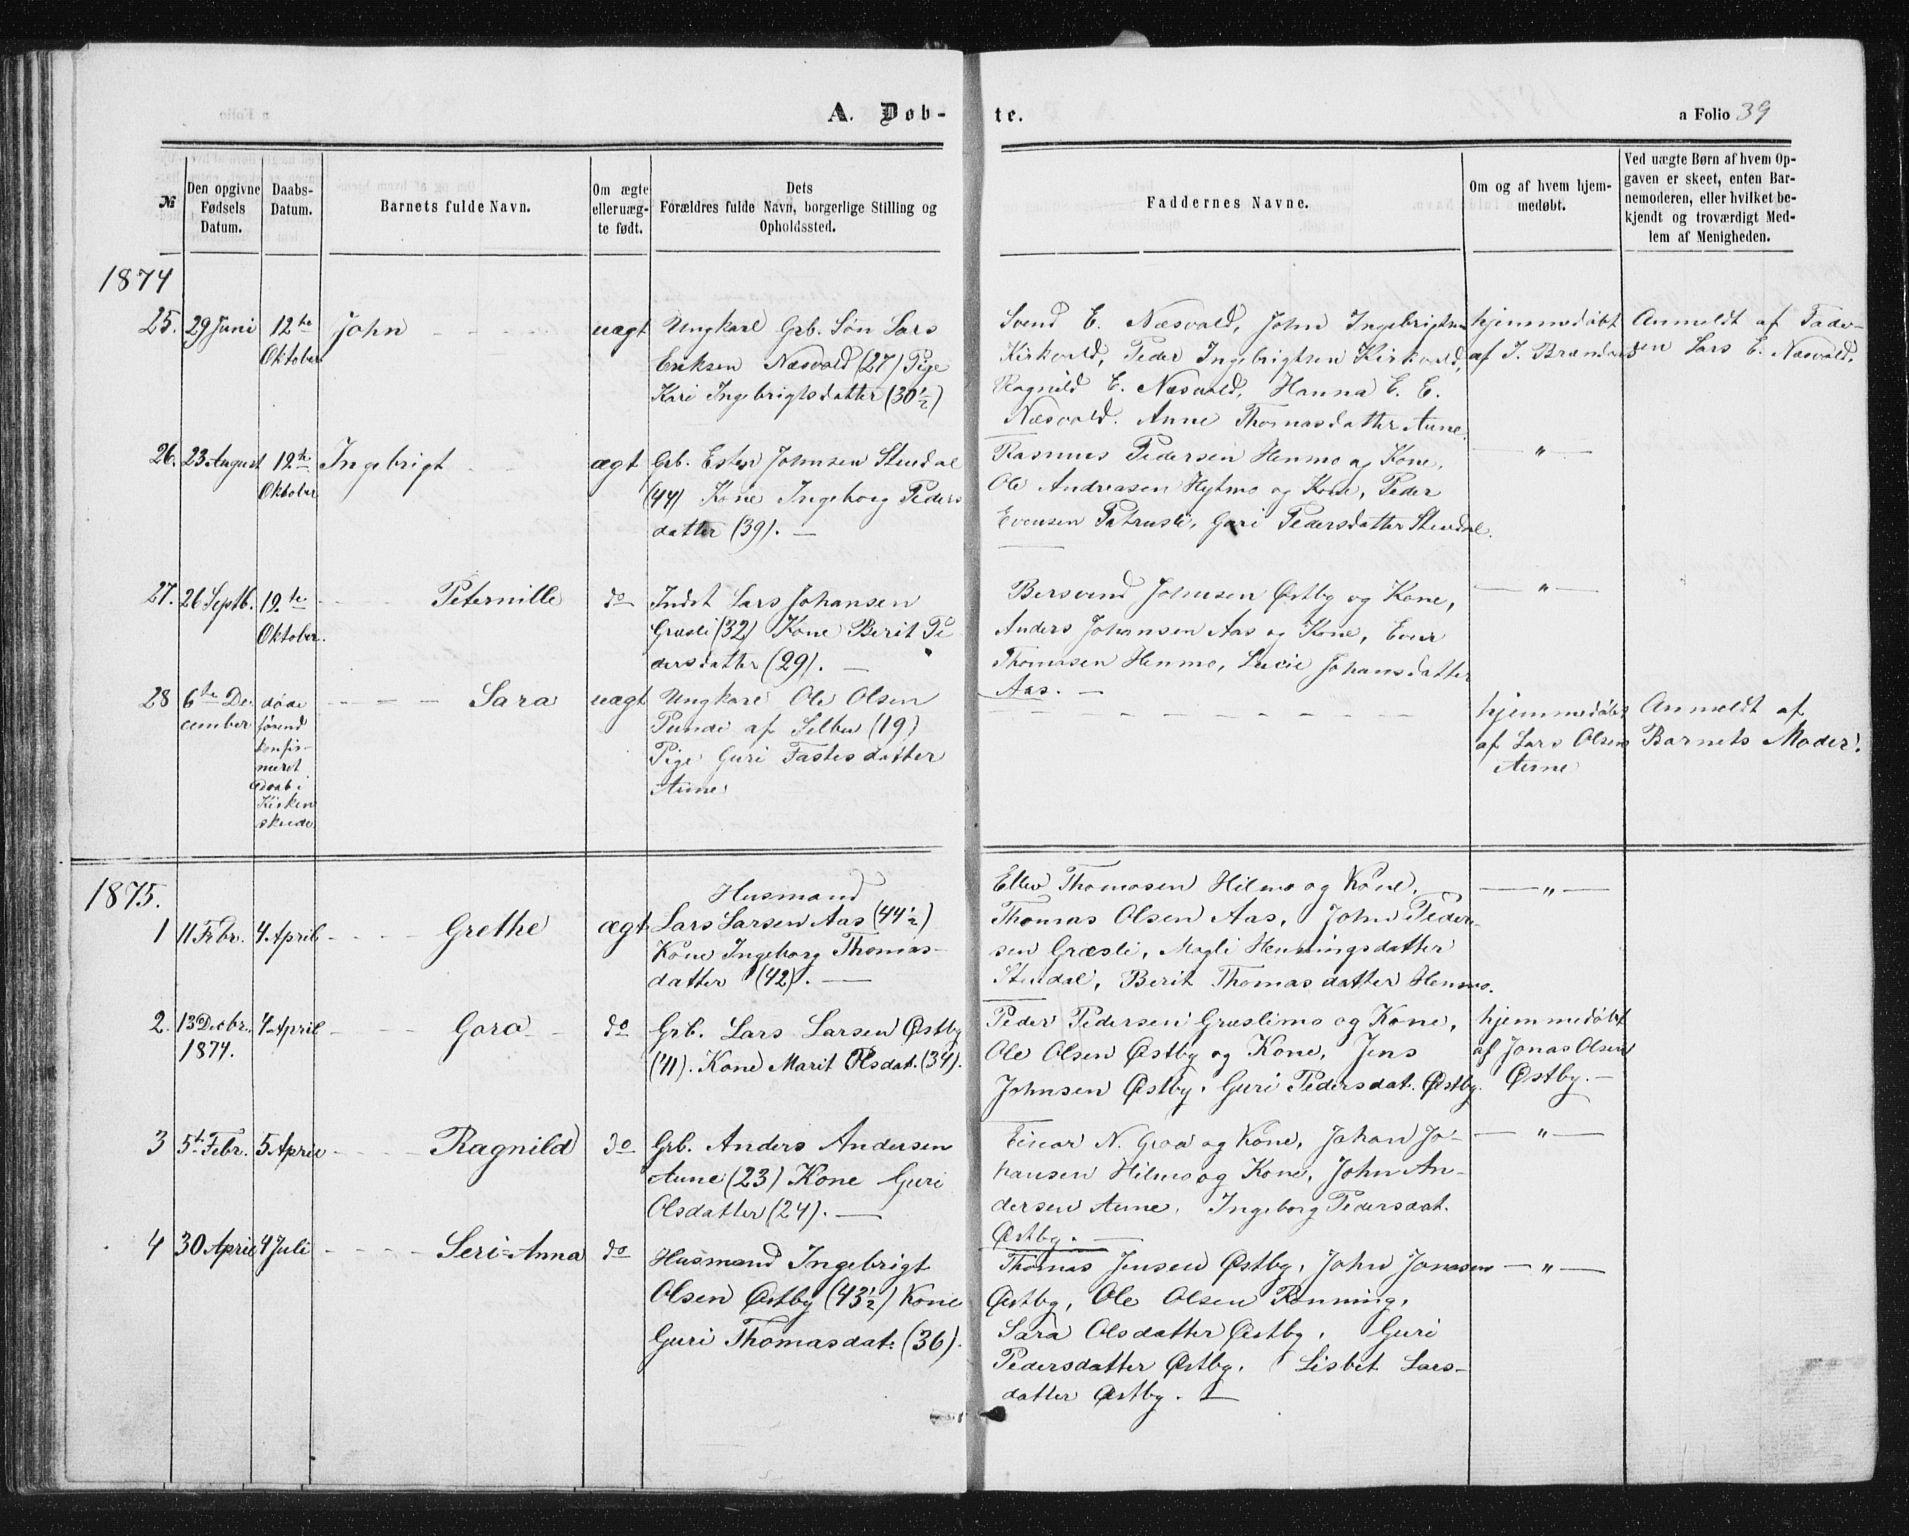 SAT, Ministerialprotokoller, klokkerbøker og fødselsregistre - Sør-Trøndelag, 698/L1166: Klokkerbok nr. 698C03, 1861-1887, s. 39